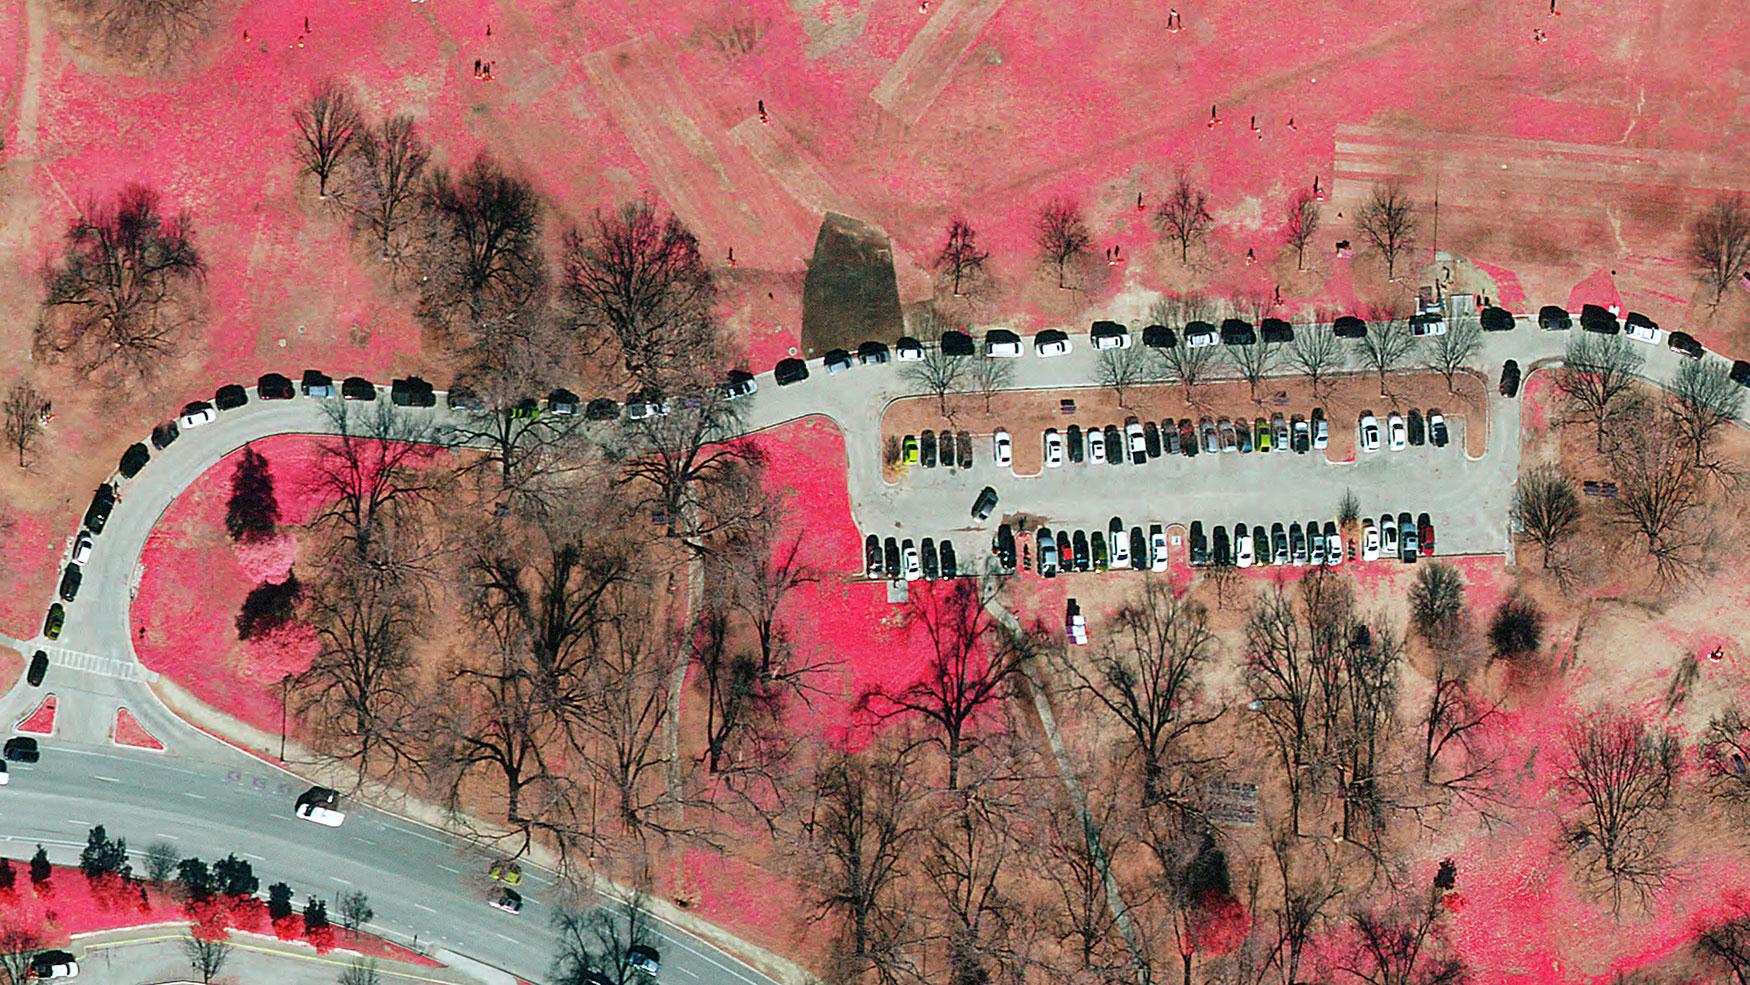 Color infra red of Zilker Park Parking